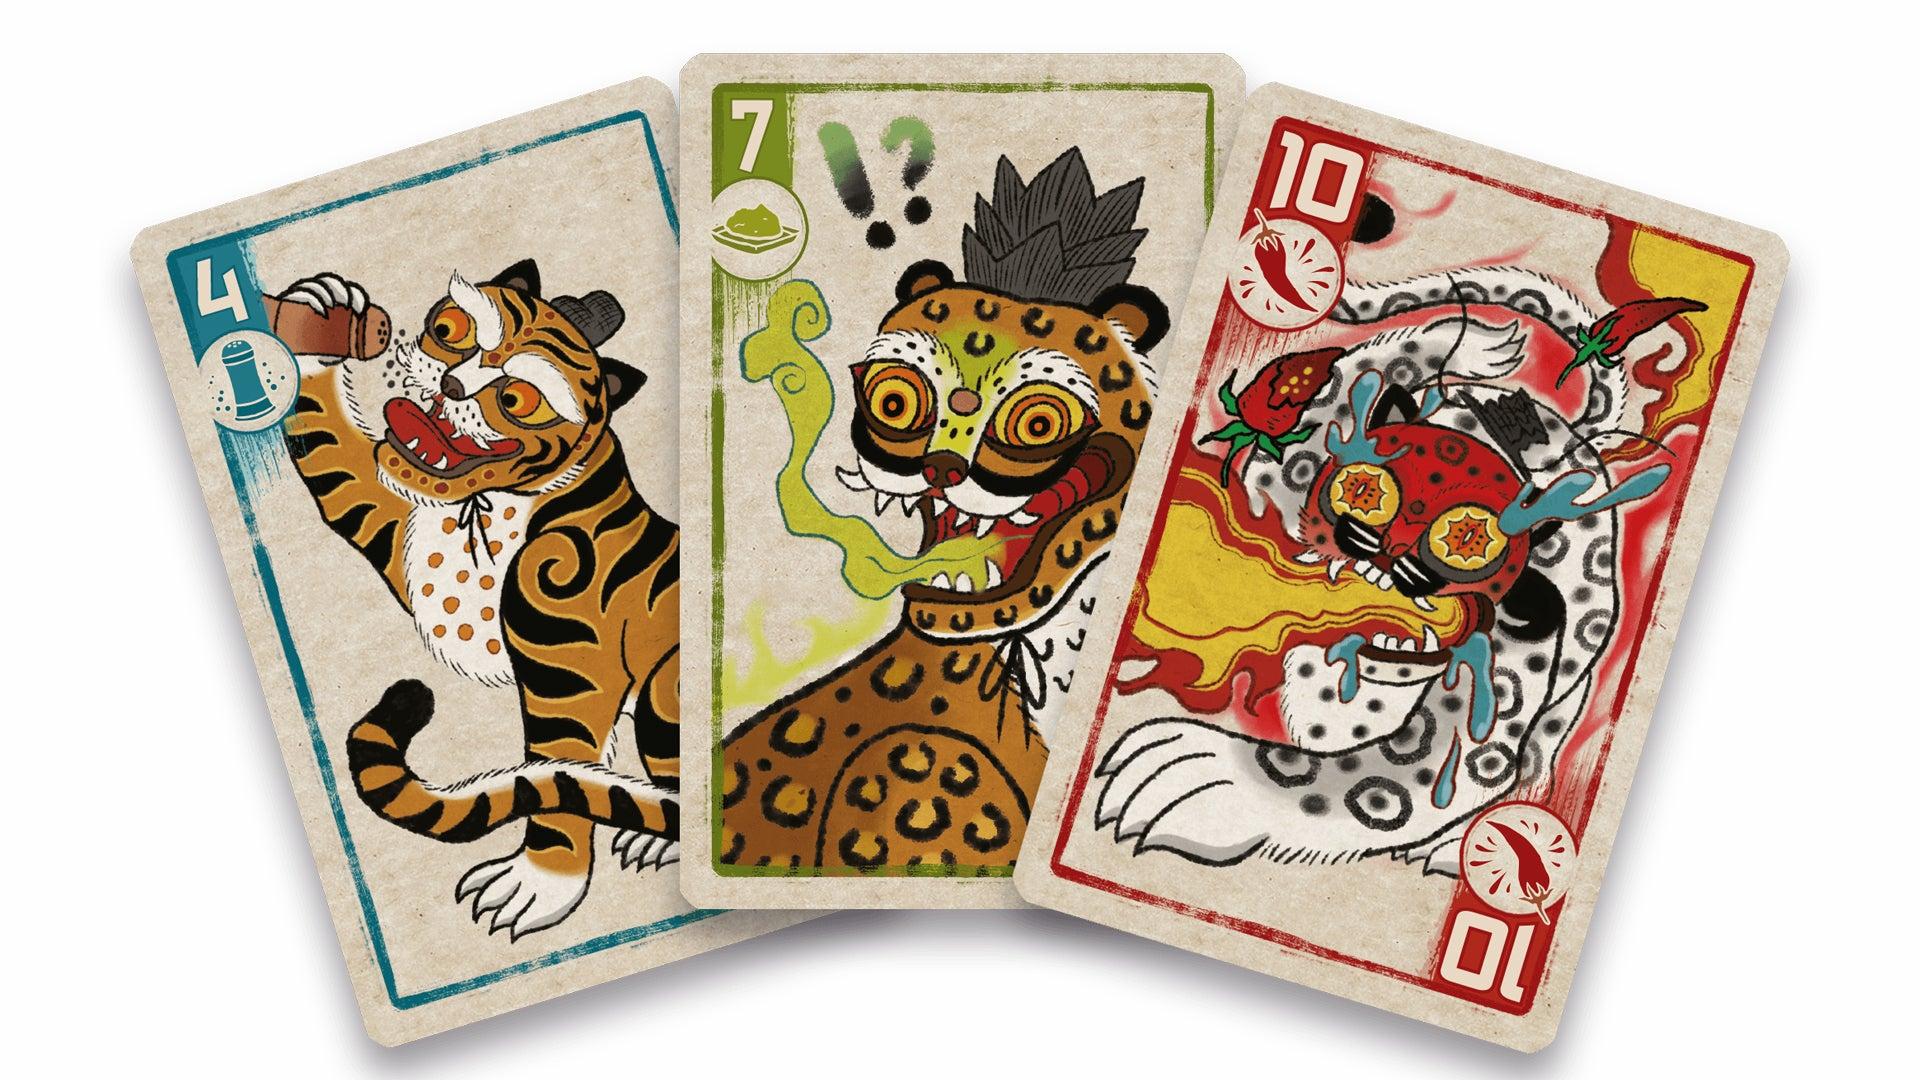 Spicy board game card fan